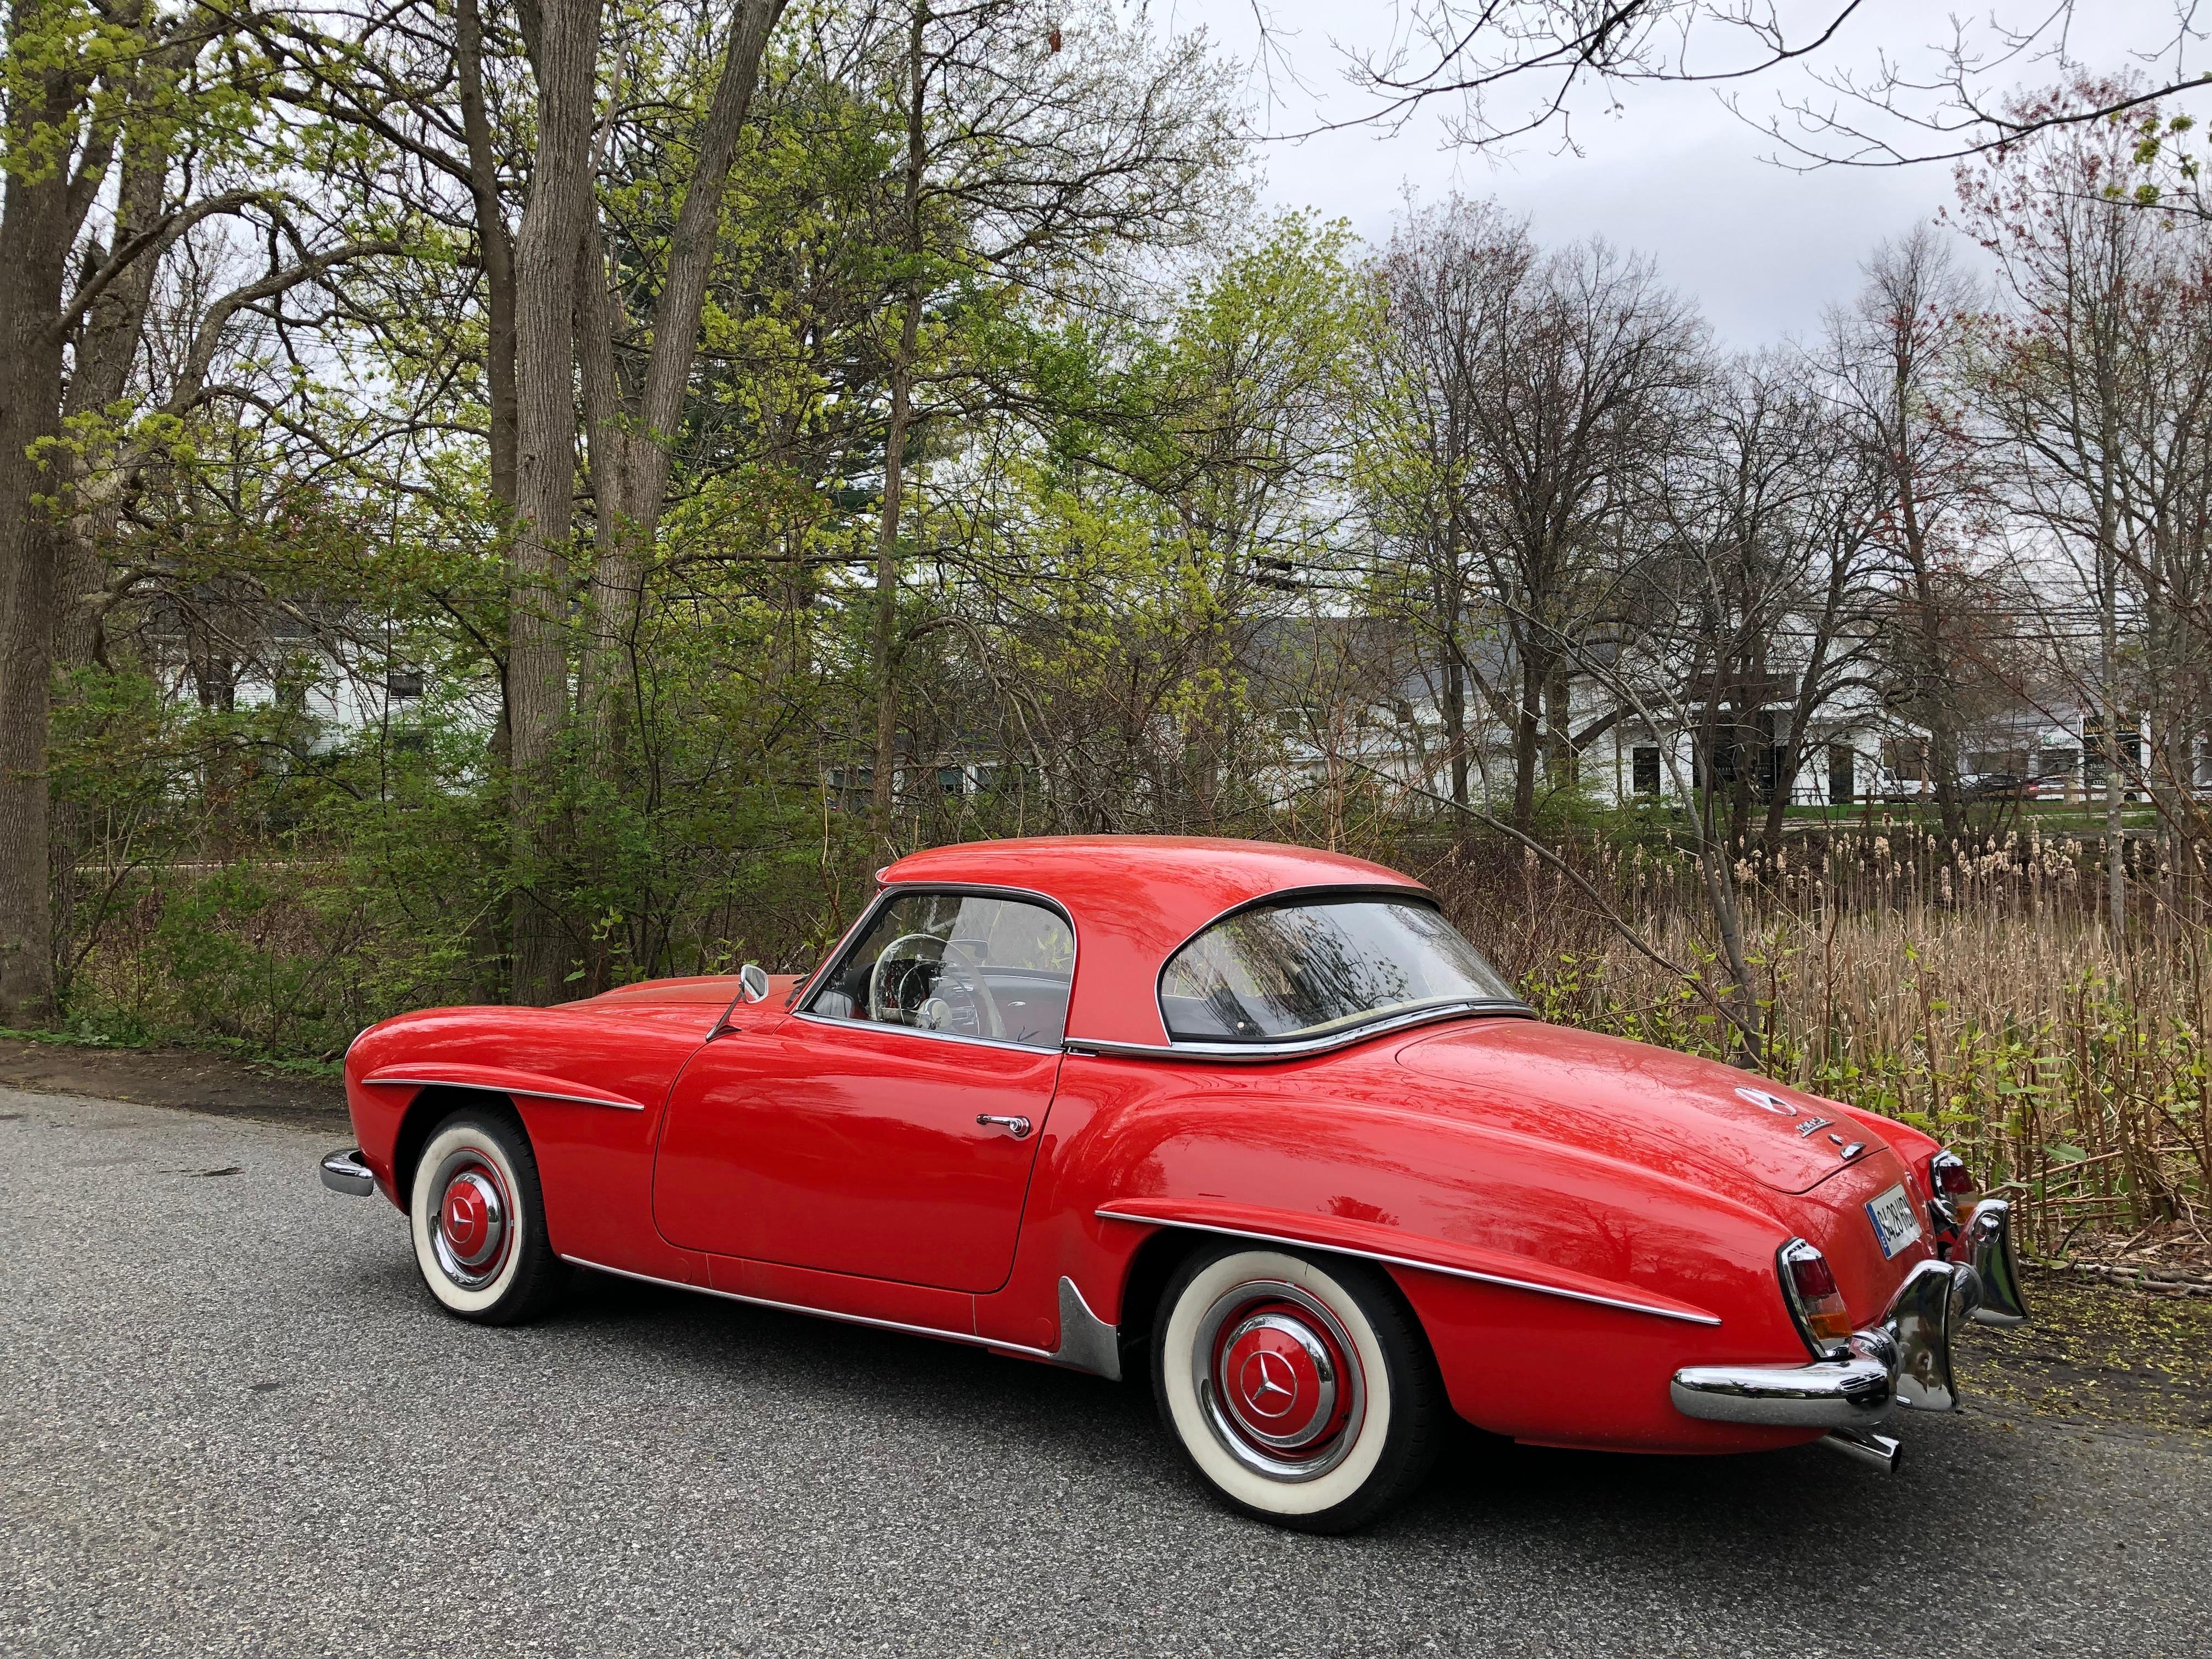 050319-vintage-car-ConcordMA